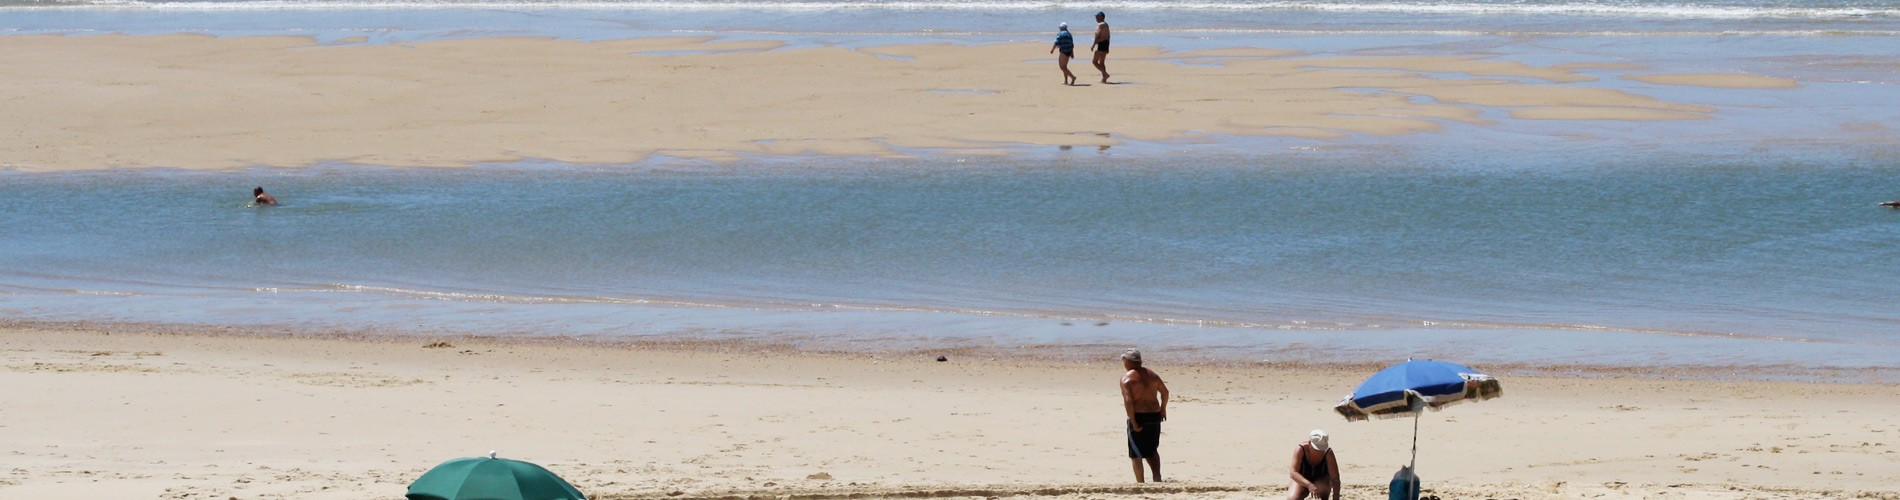 Baïne sur la plage de Contis dans les Landes